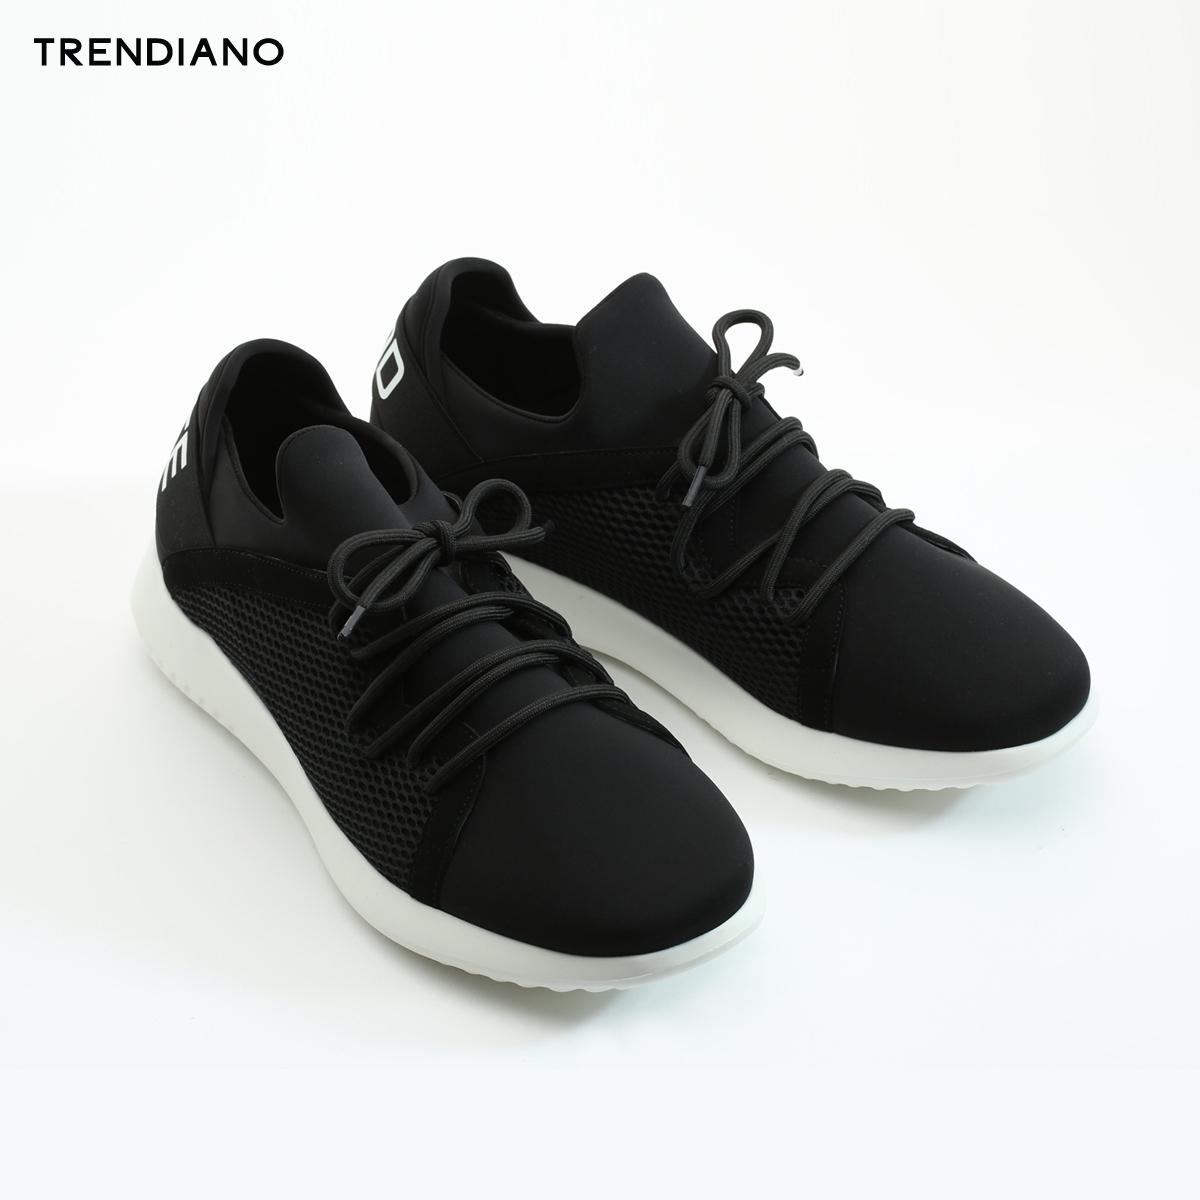 TRENDIANO男装夏装潮流个性拼接字母低帮休闲鞋运动鞋 231.3元